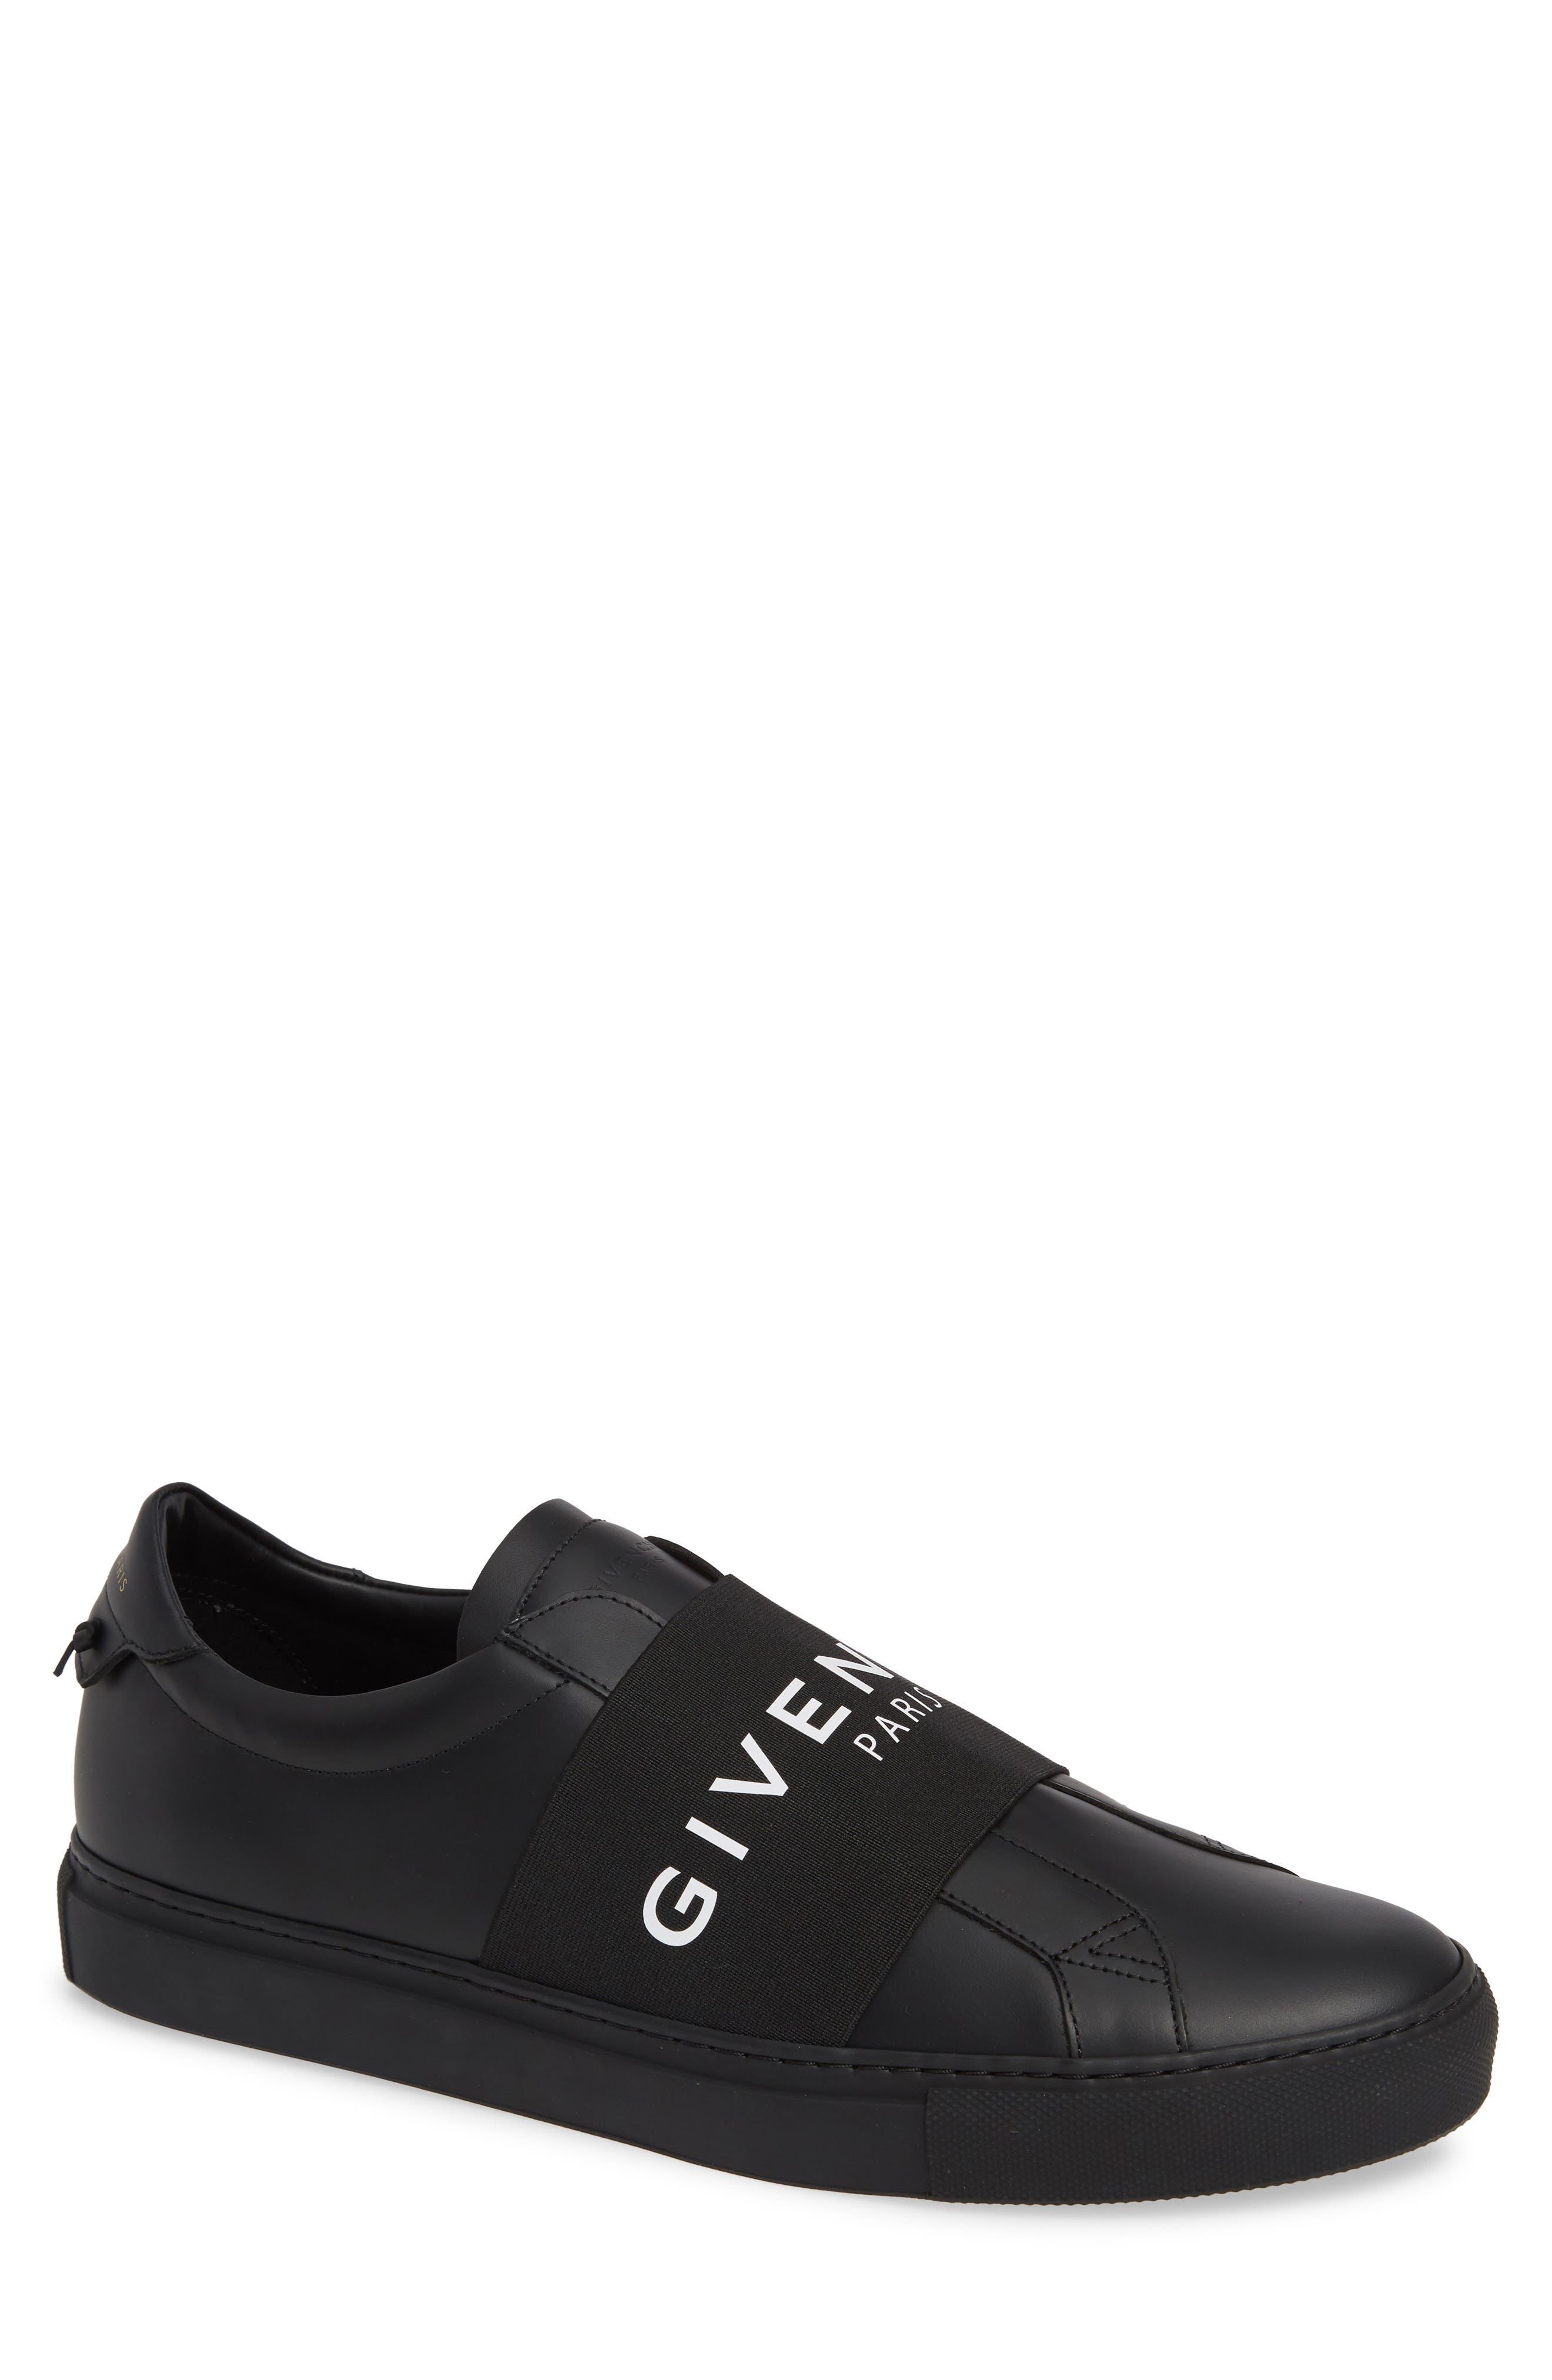 GIVENCHY, Urban Knots Sneaker, Main thumbnail 1, color, BLACK